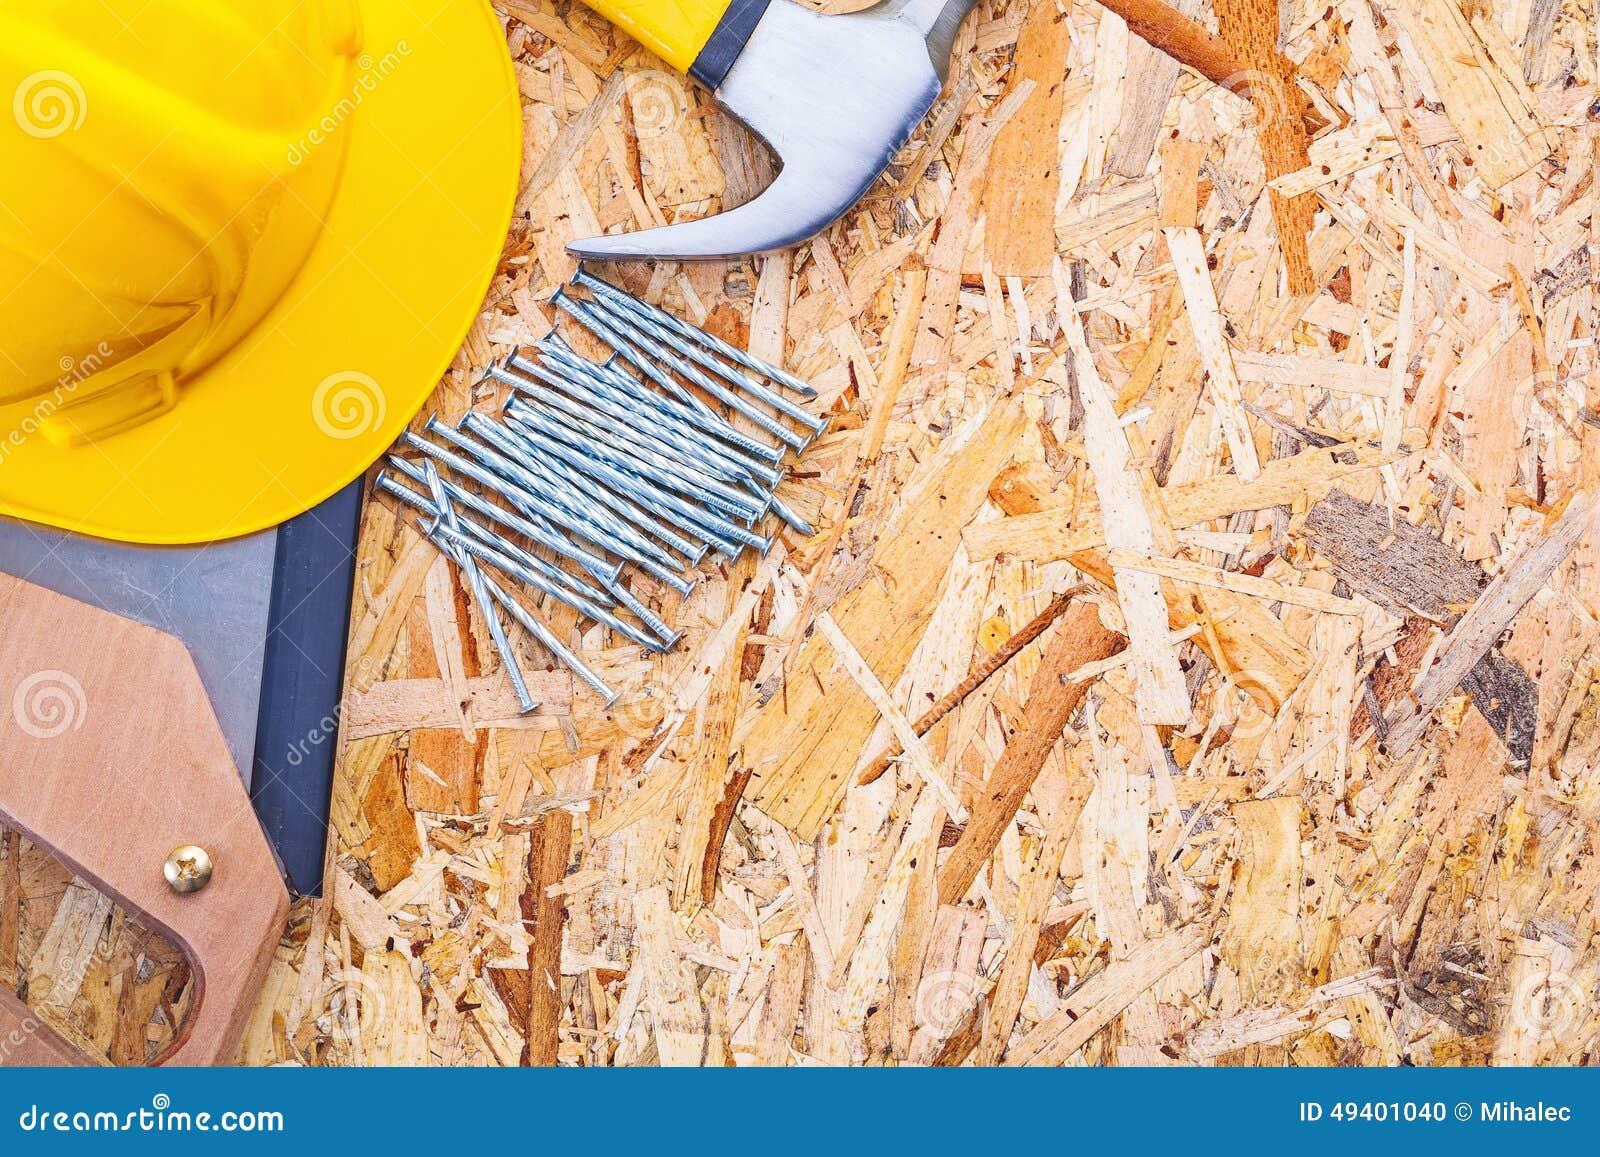 Download Bau Bearbeitet Sturzhelm Handsawtischlerhammer Stockfoto - Bild von gekörnt, chipboard: 49401040